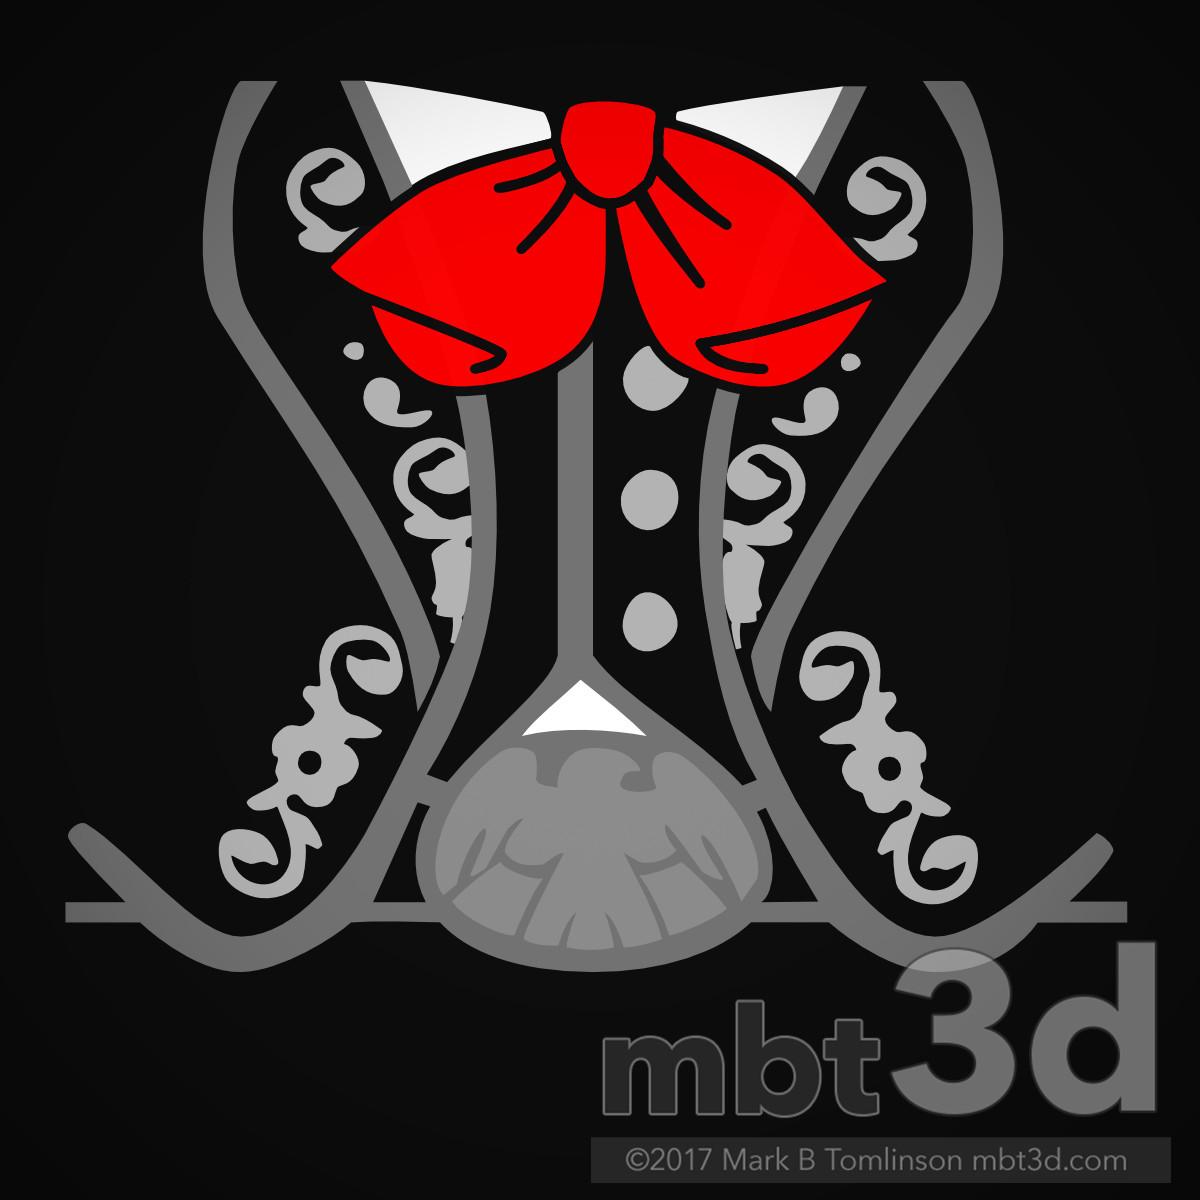 Mark b tomlinson mariachi minifig